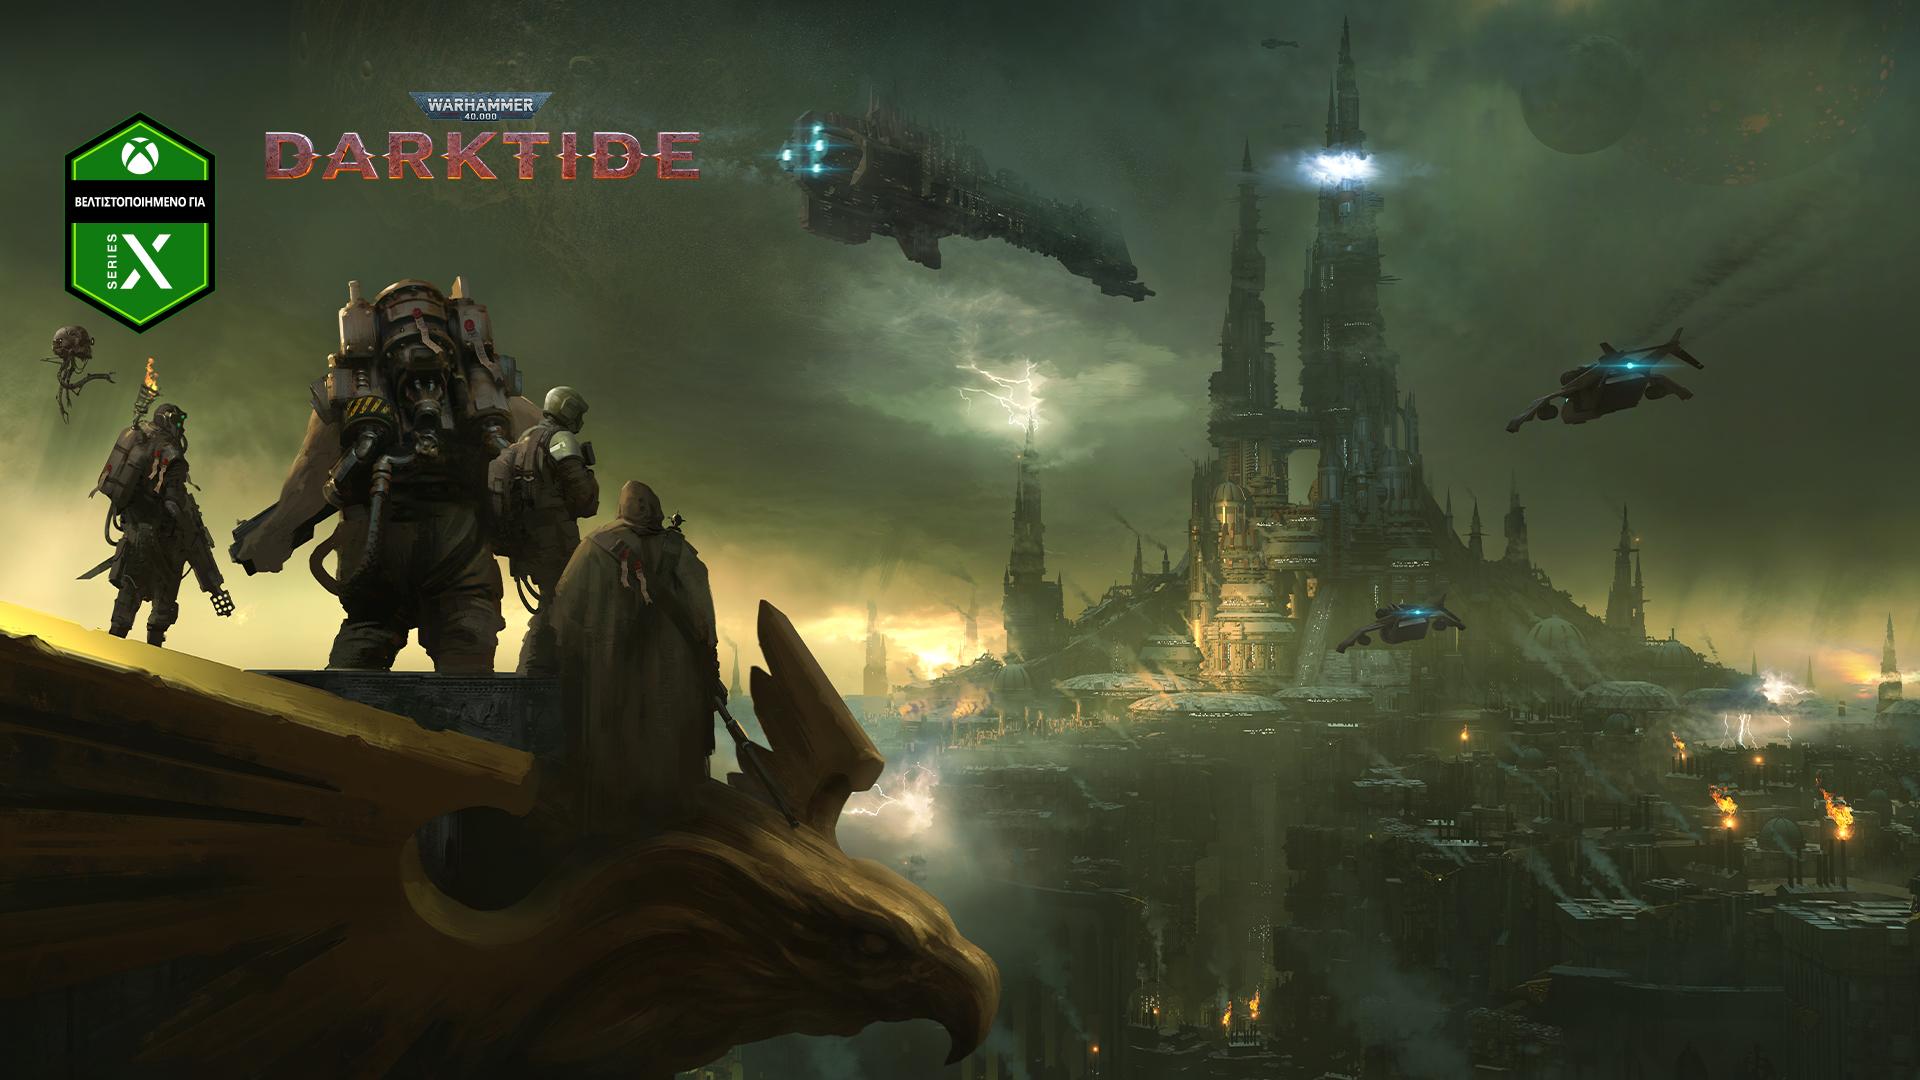 Βελτιστοποιημένο για Series Χ, Warhammer 40.000 Darktide, μια ομάδα χαρακτήρων κοιτάζει από ψηλά μια πόλη που περιβάλλεται από ομίχλη.